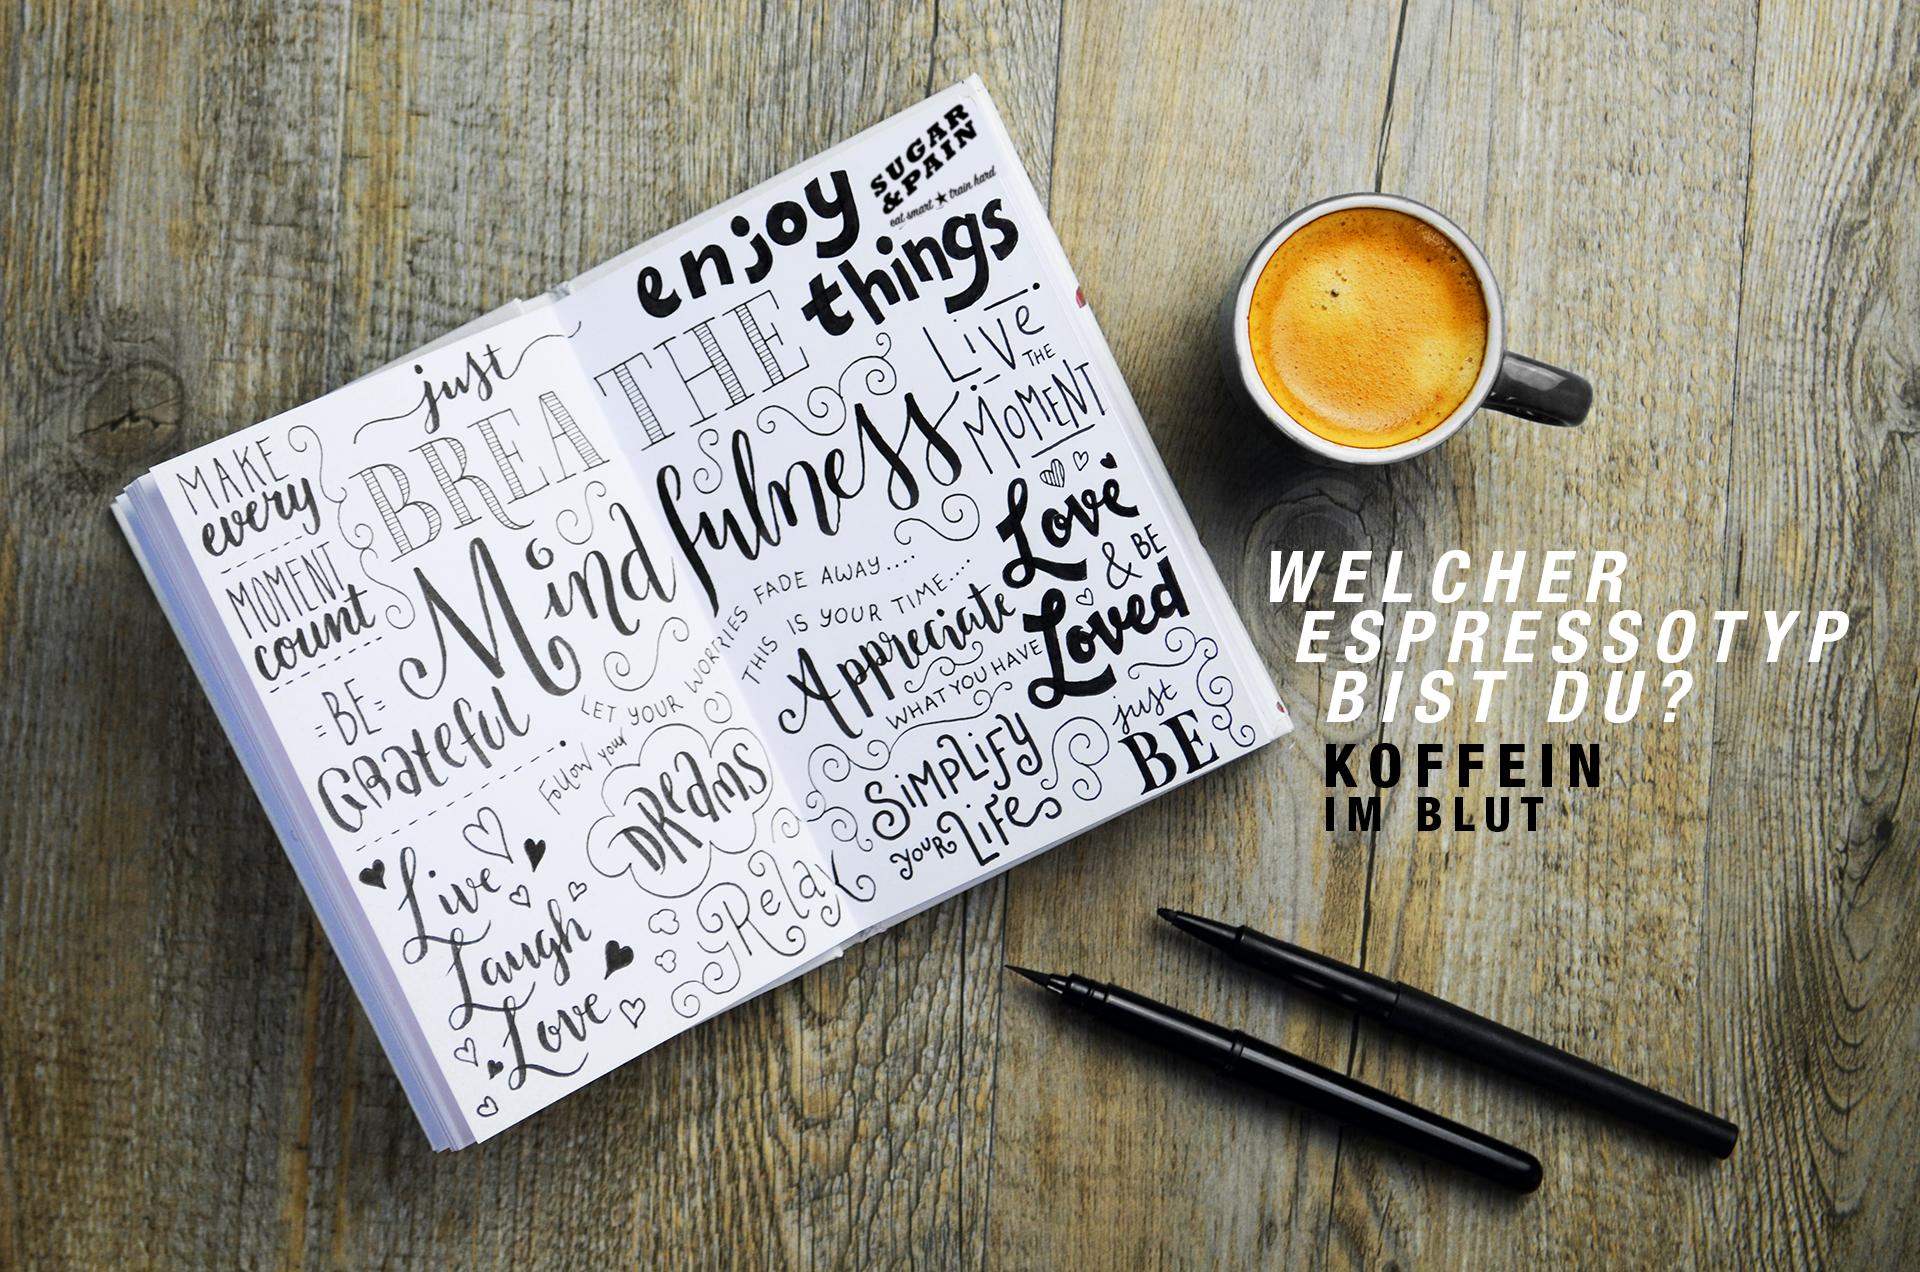 KOFFEIN IN BLUT Welcher Espressotyp bist Du / Titel © SUGAR & PAIN / AdobeStock